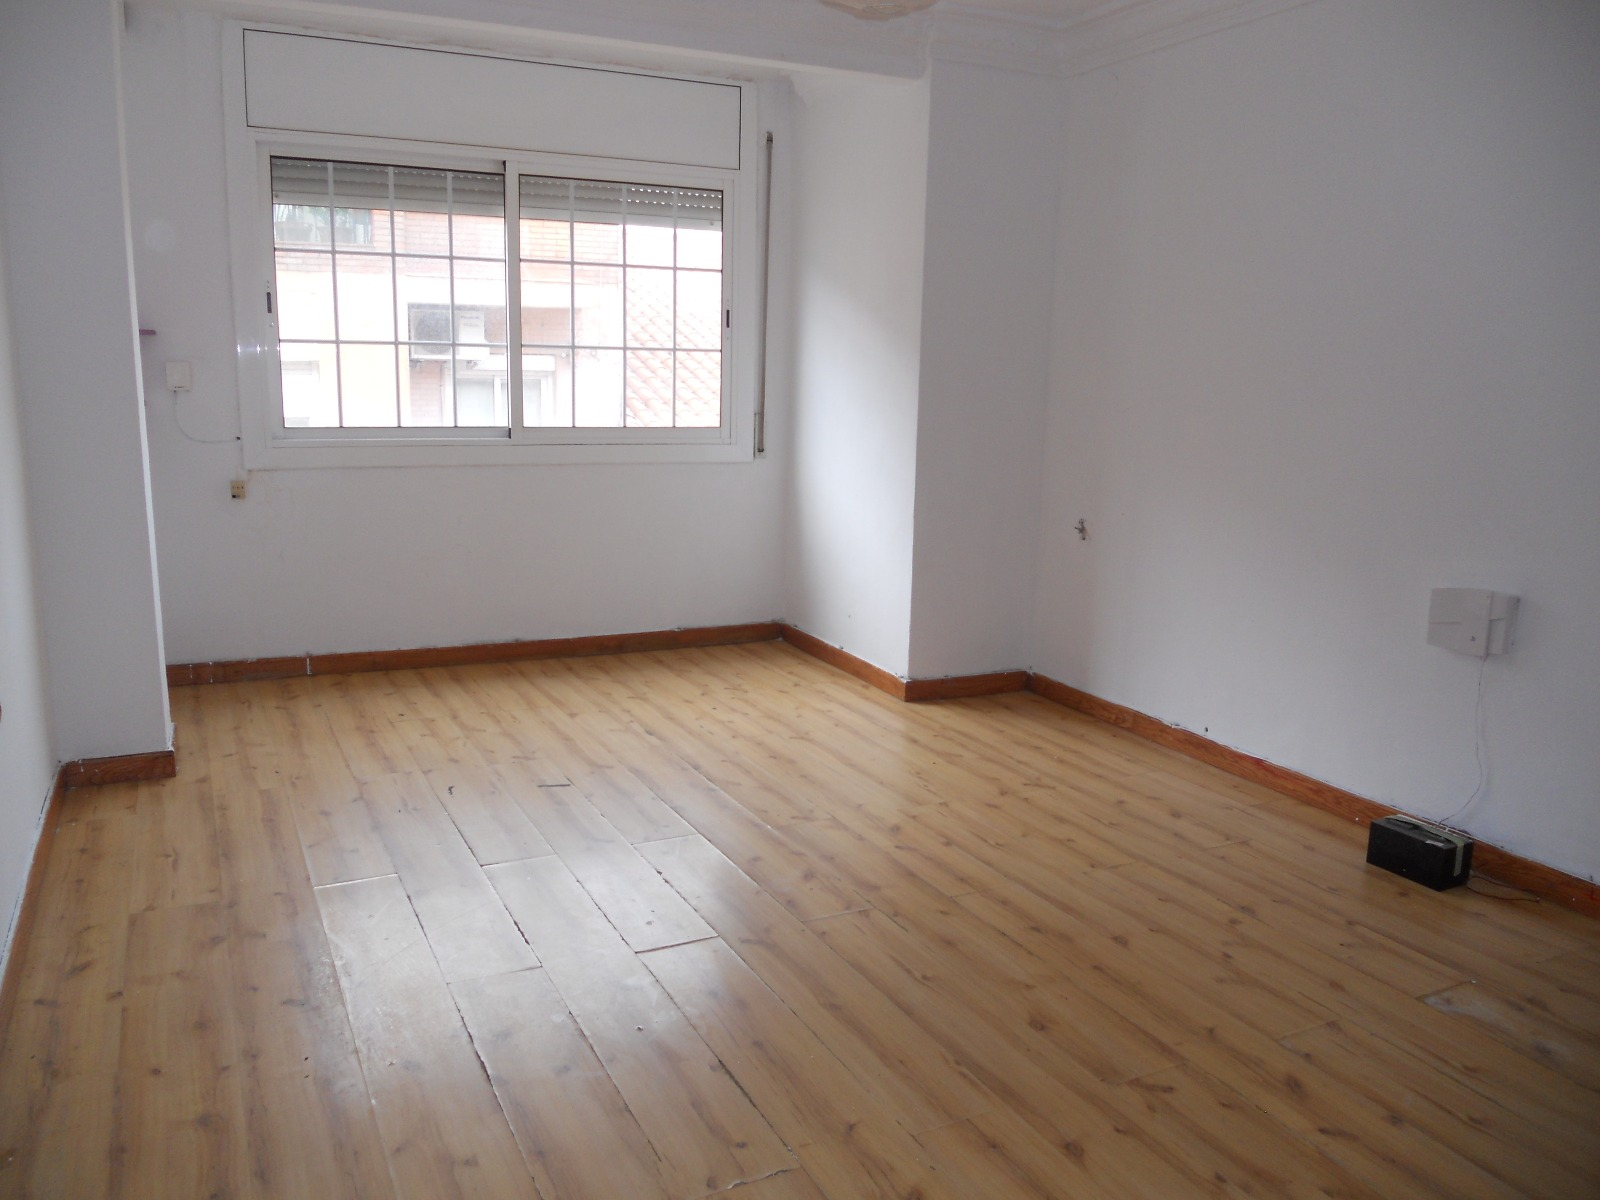 Piso en venta en El Prat de Llobregat, Barcelona, Calle de L`urgell, 136.000 €, 3 habitaciones, 1 baño, 70 m2